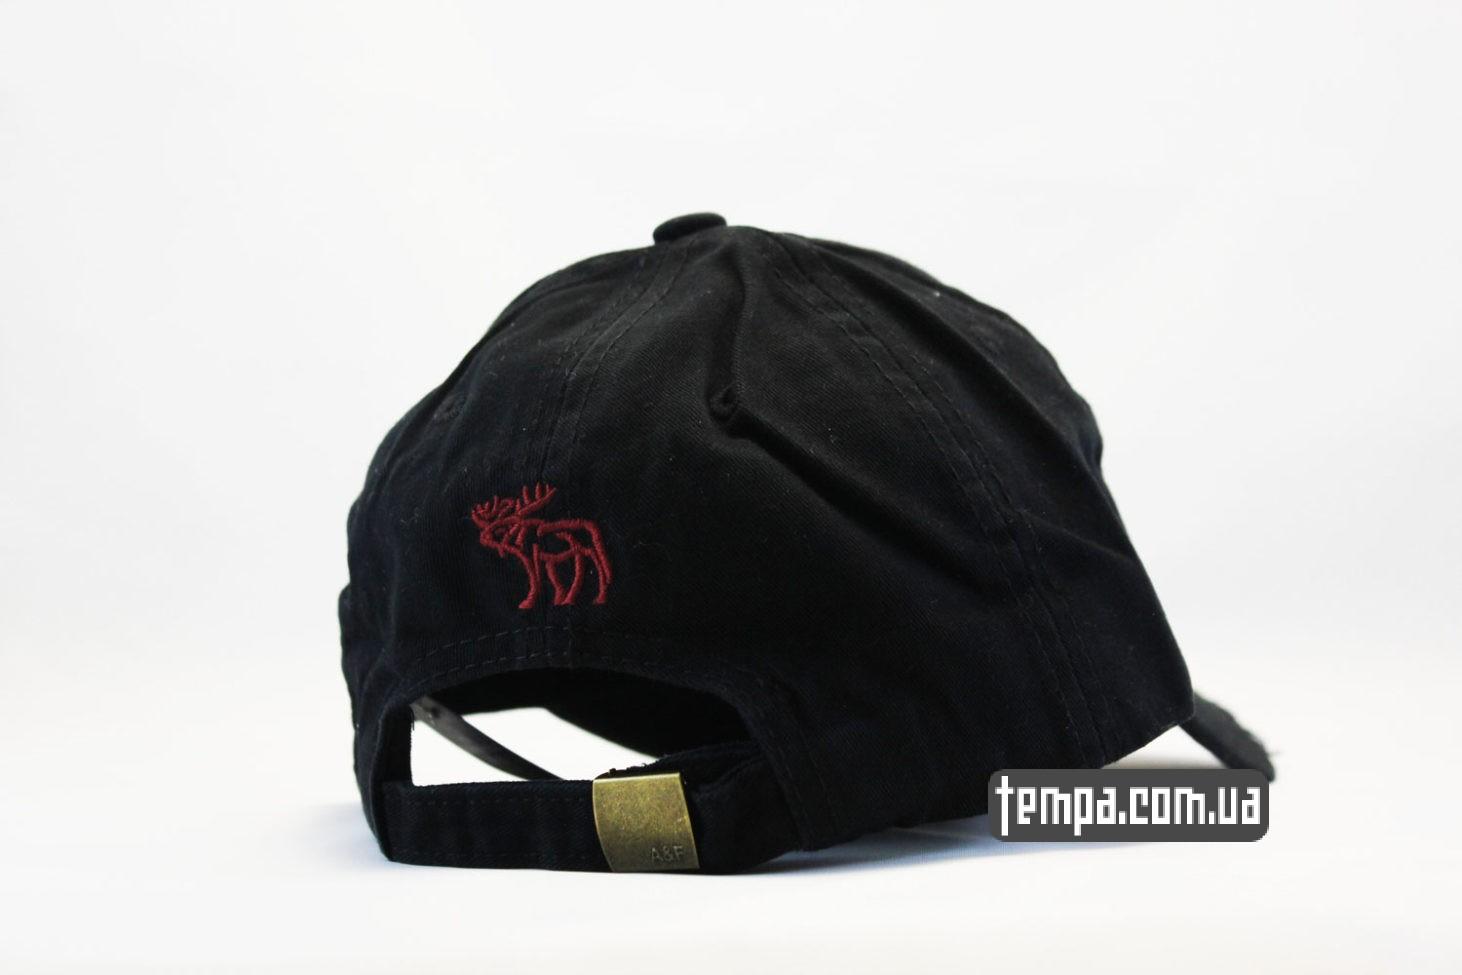 США USA америка кепка бейсболка Abercrombie Fitch 1892 Holister черная